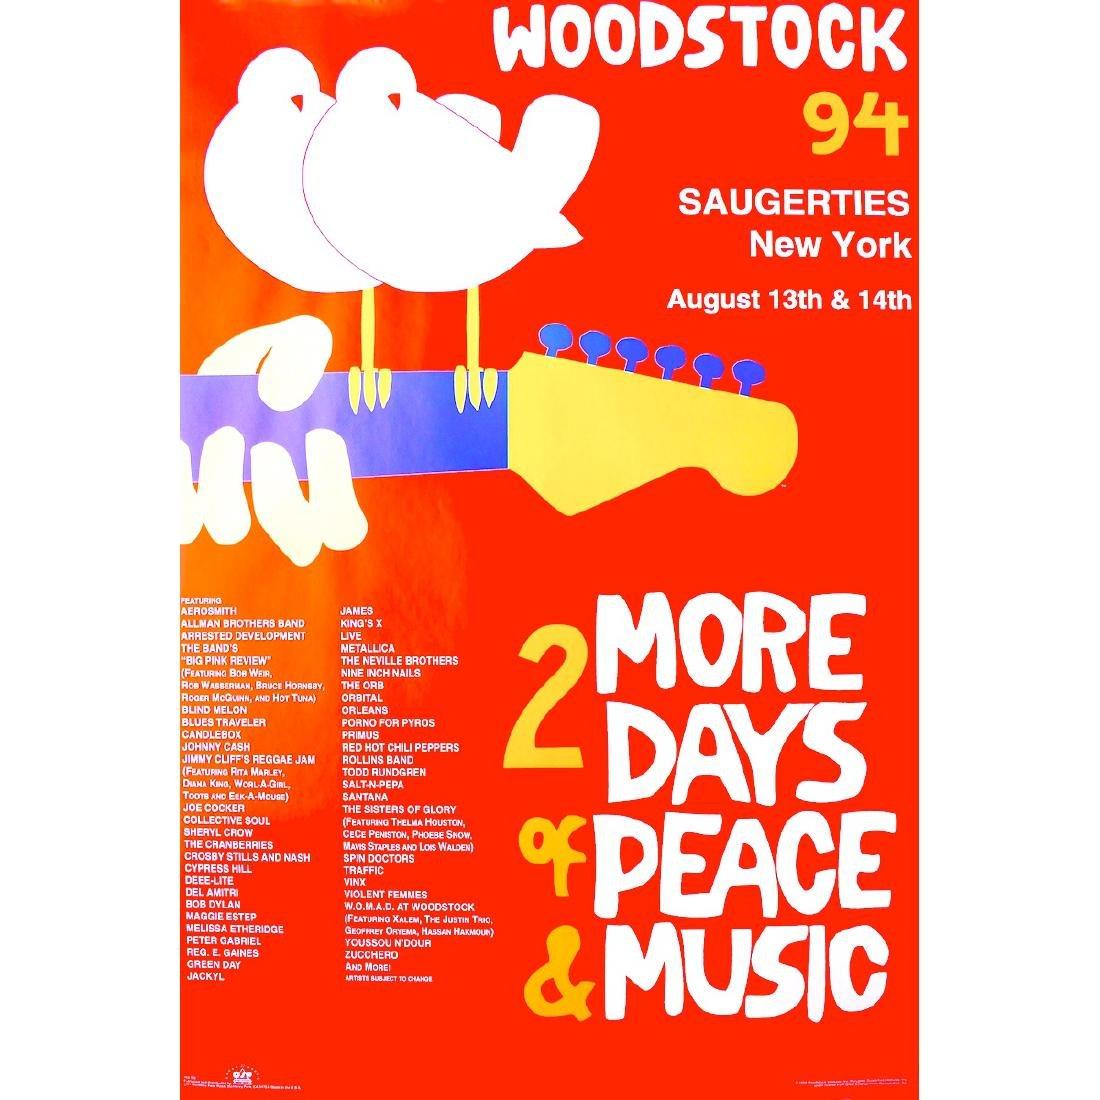 Woodstock Music Festival - 1994 Concert Poster